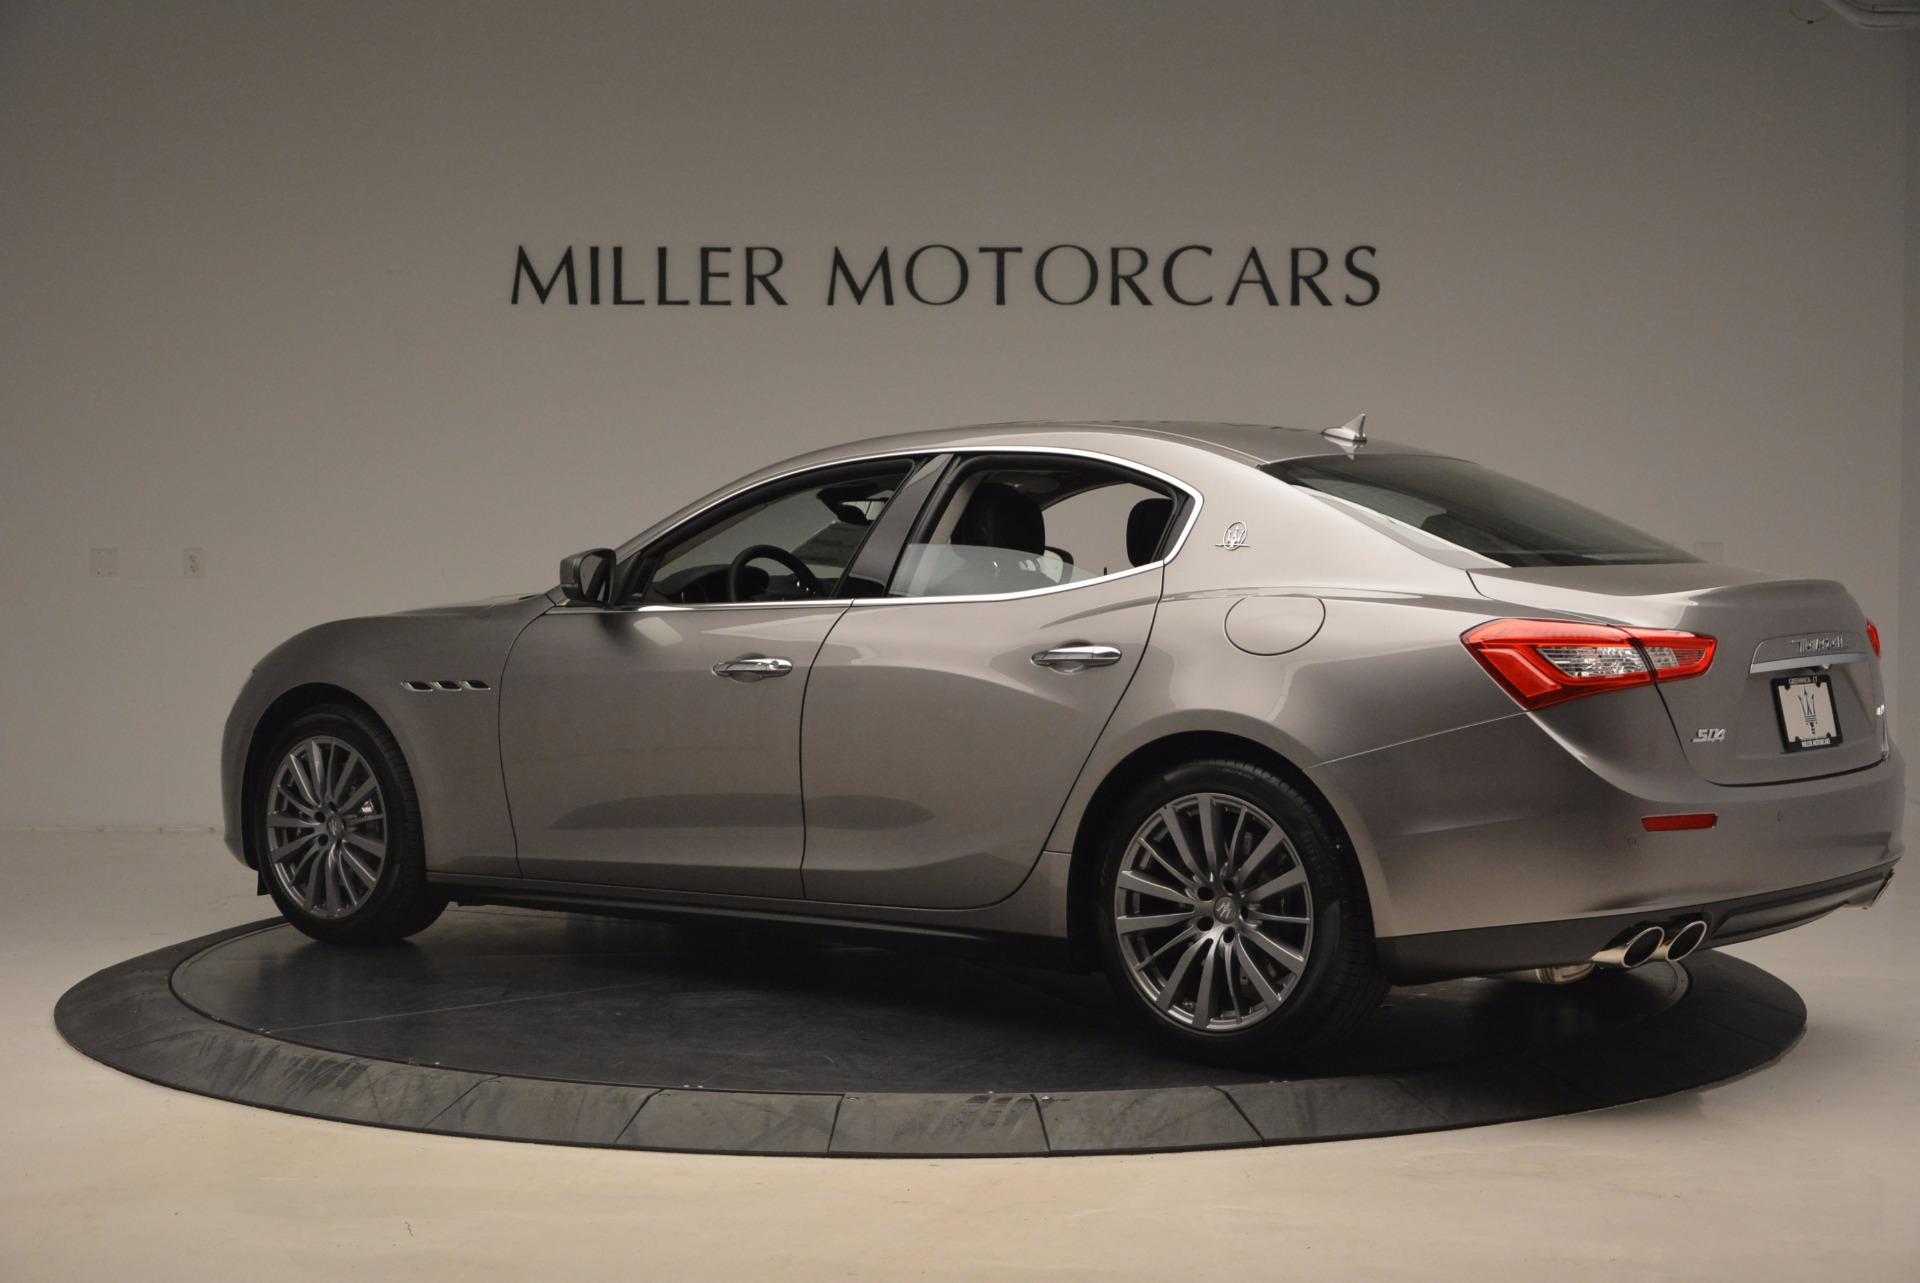 New 2017 Maserati Ghibli SQ4 For Sale In Greenwich, CT 1109_p4